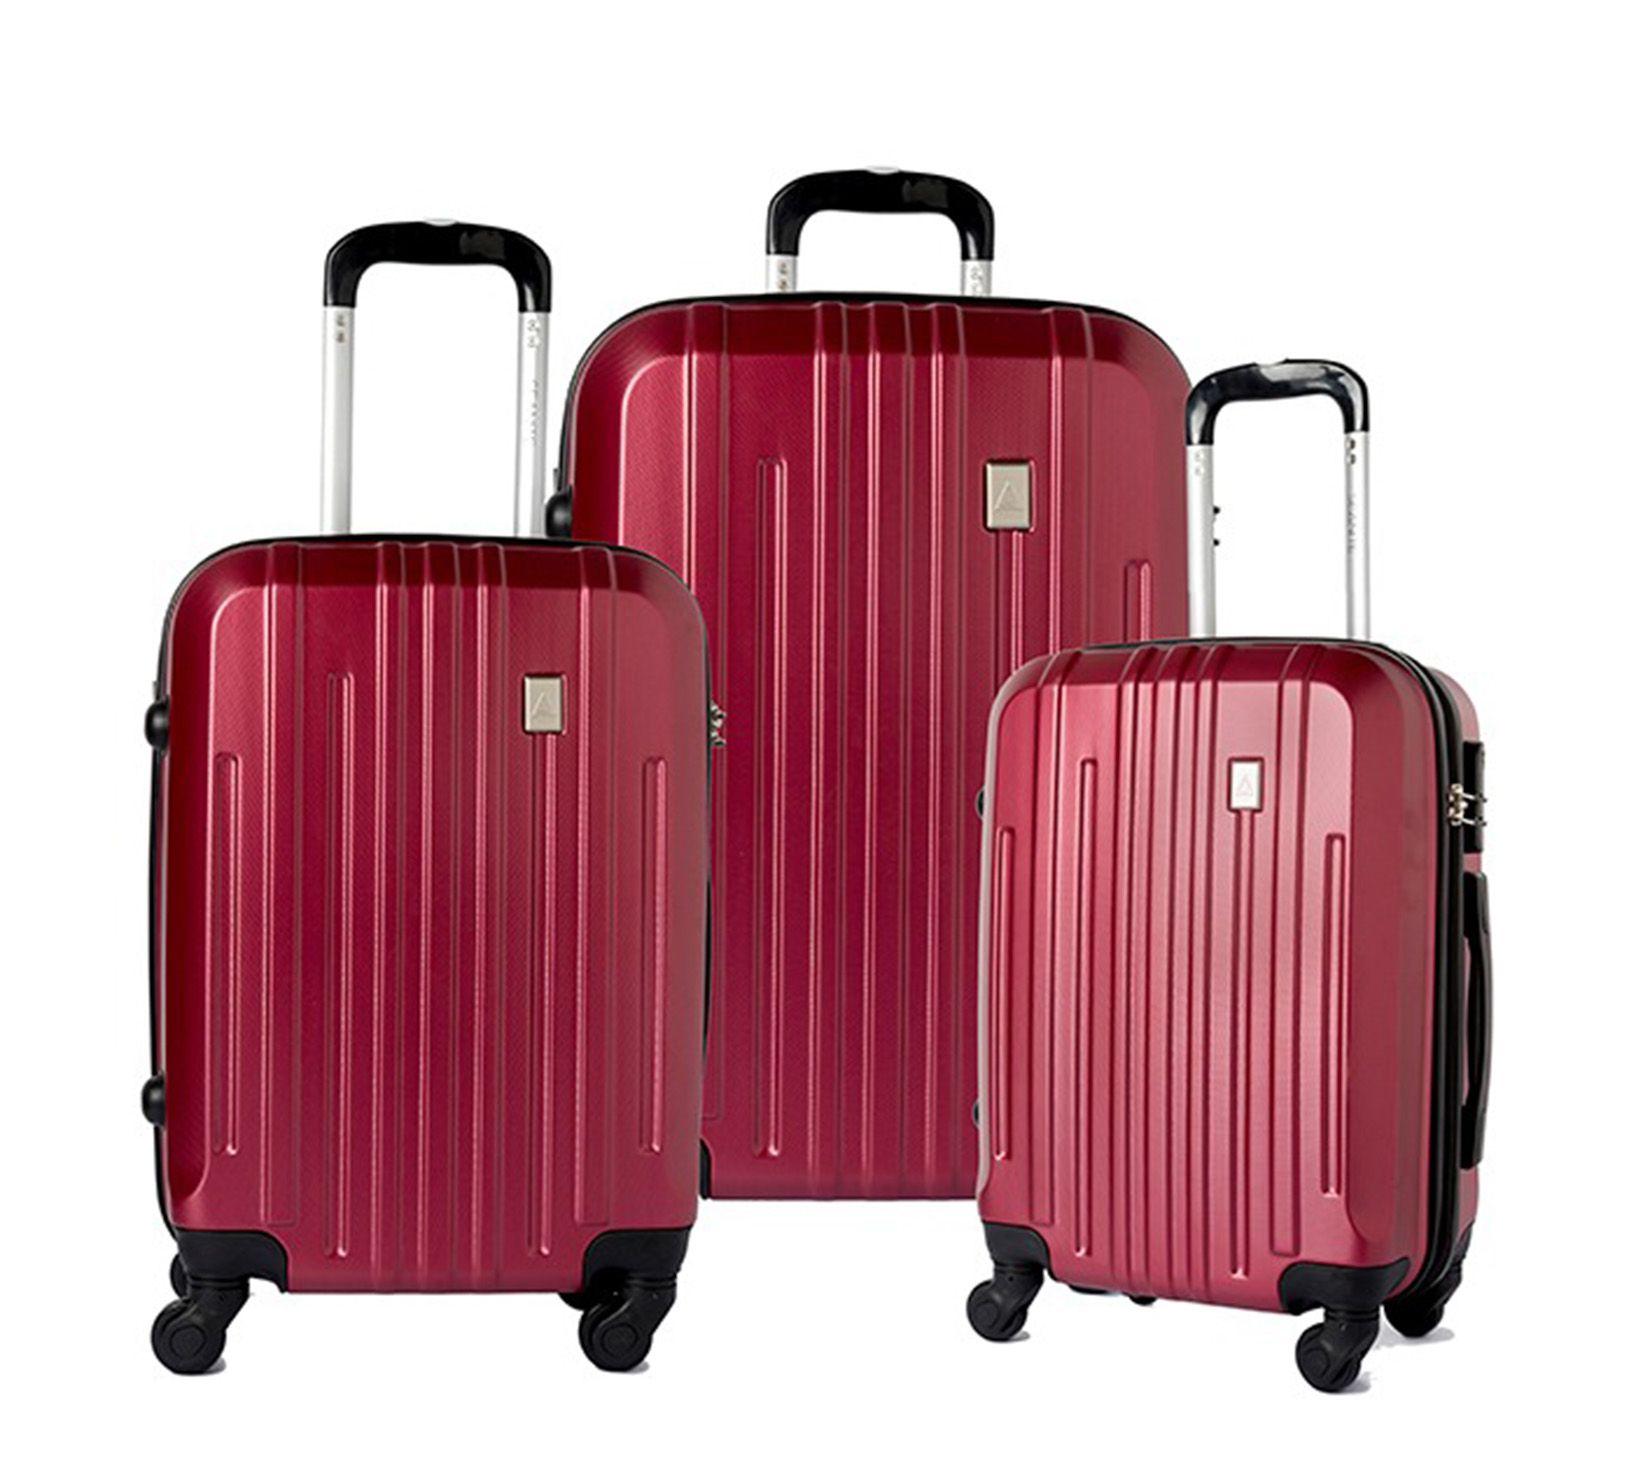 Conjunto 3 Malas Viagem ABS Rígida 14173 Rodinhas 360° Vinho